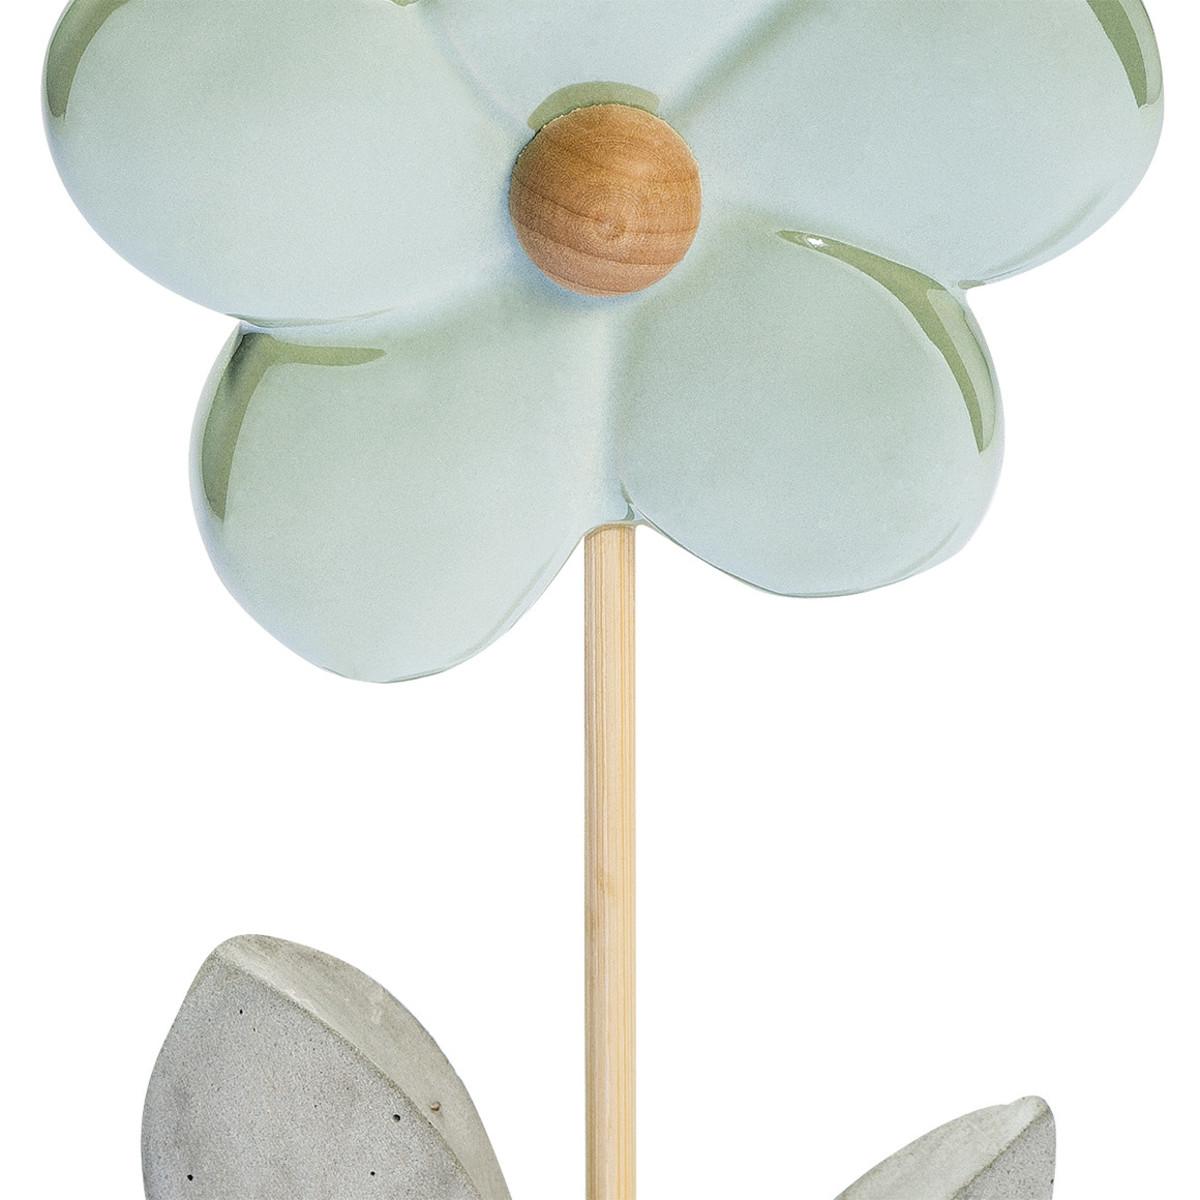 Bild 2 von Deko-Blume mit Zementfuß